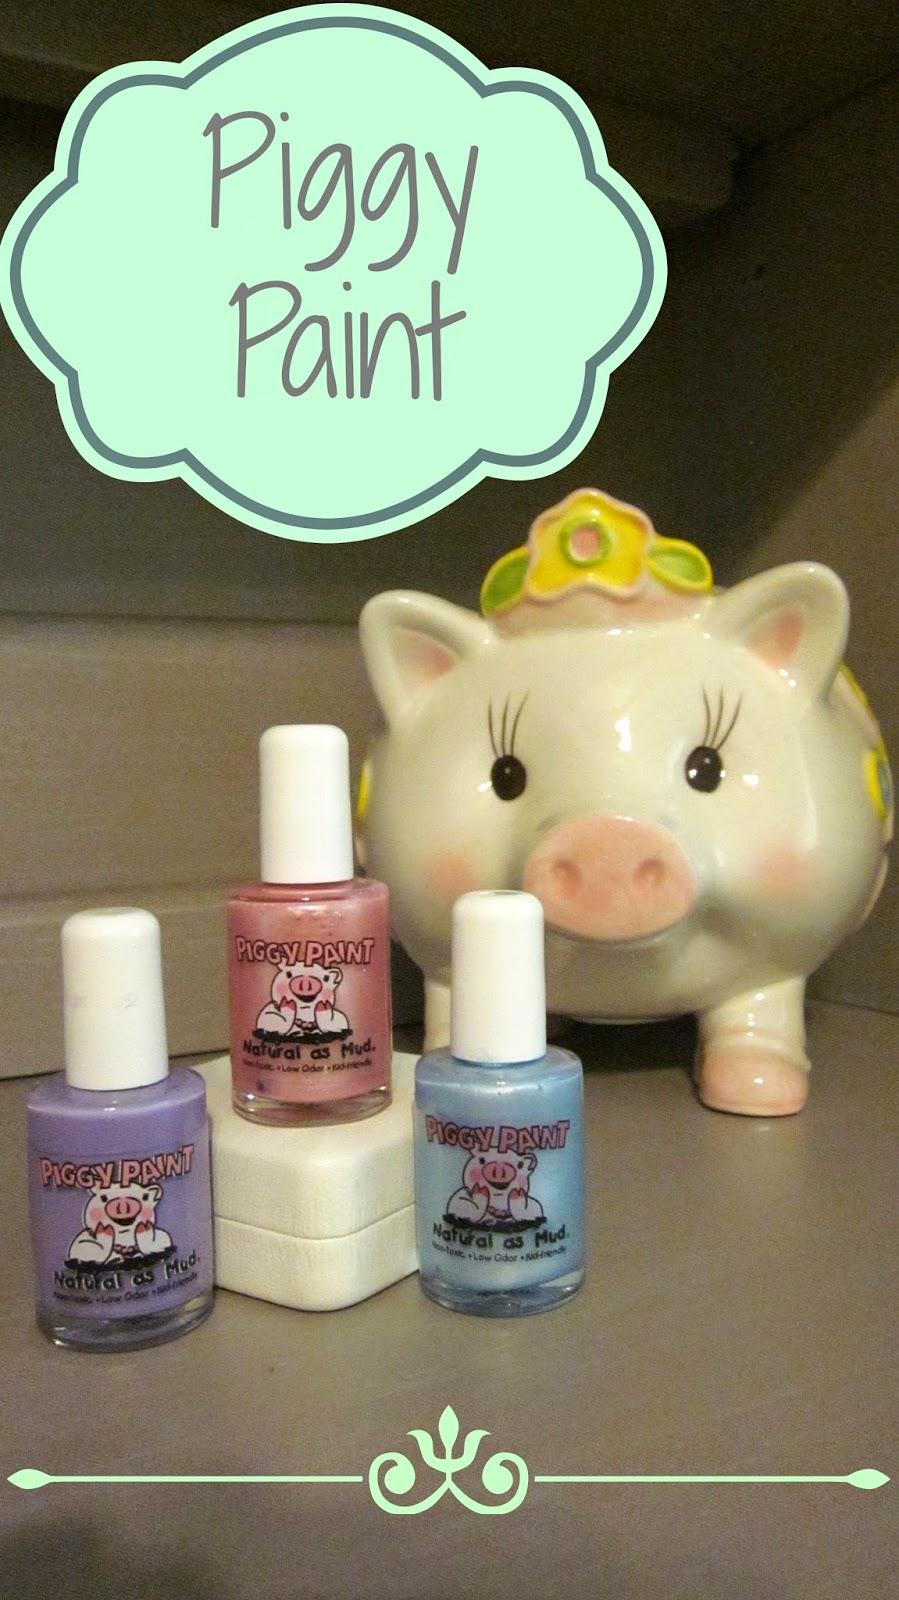 Piggy Paint, Kid nail polish, baby nail polish, safe kid nail polish